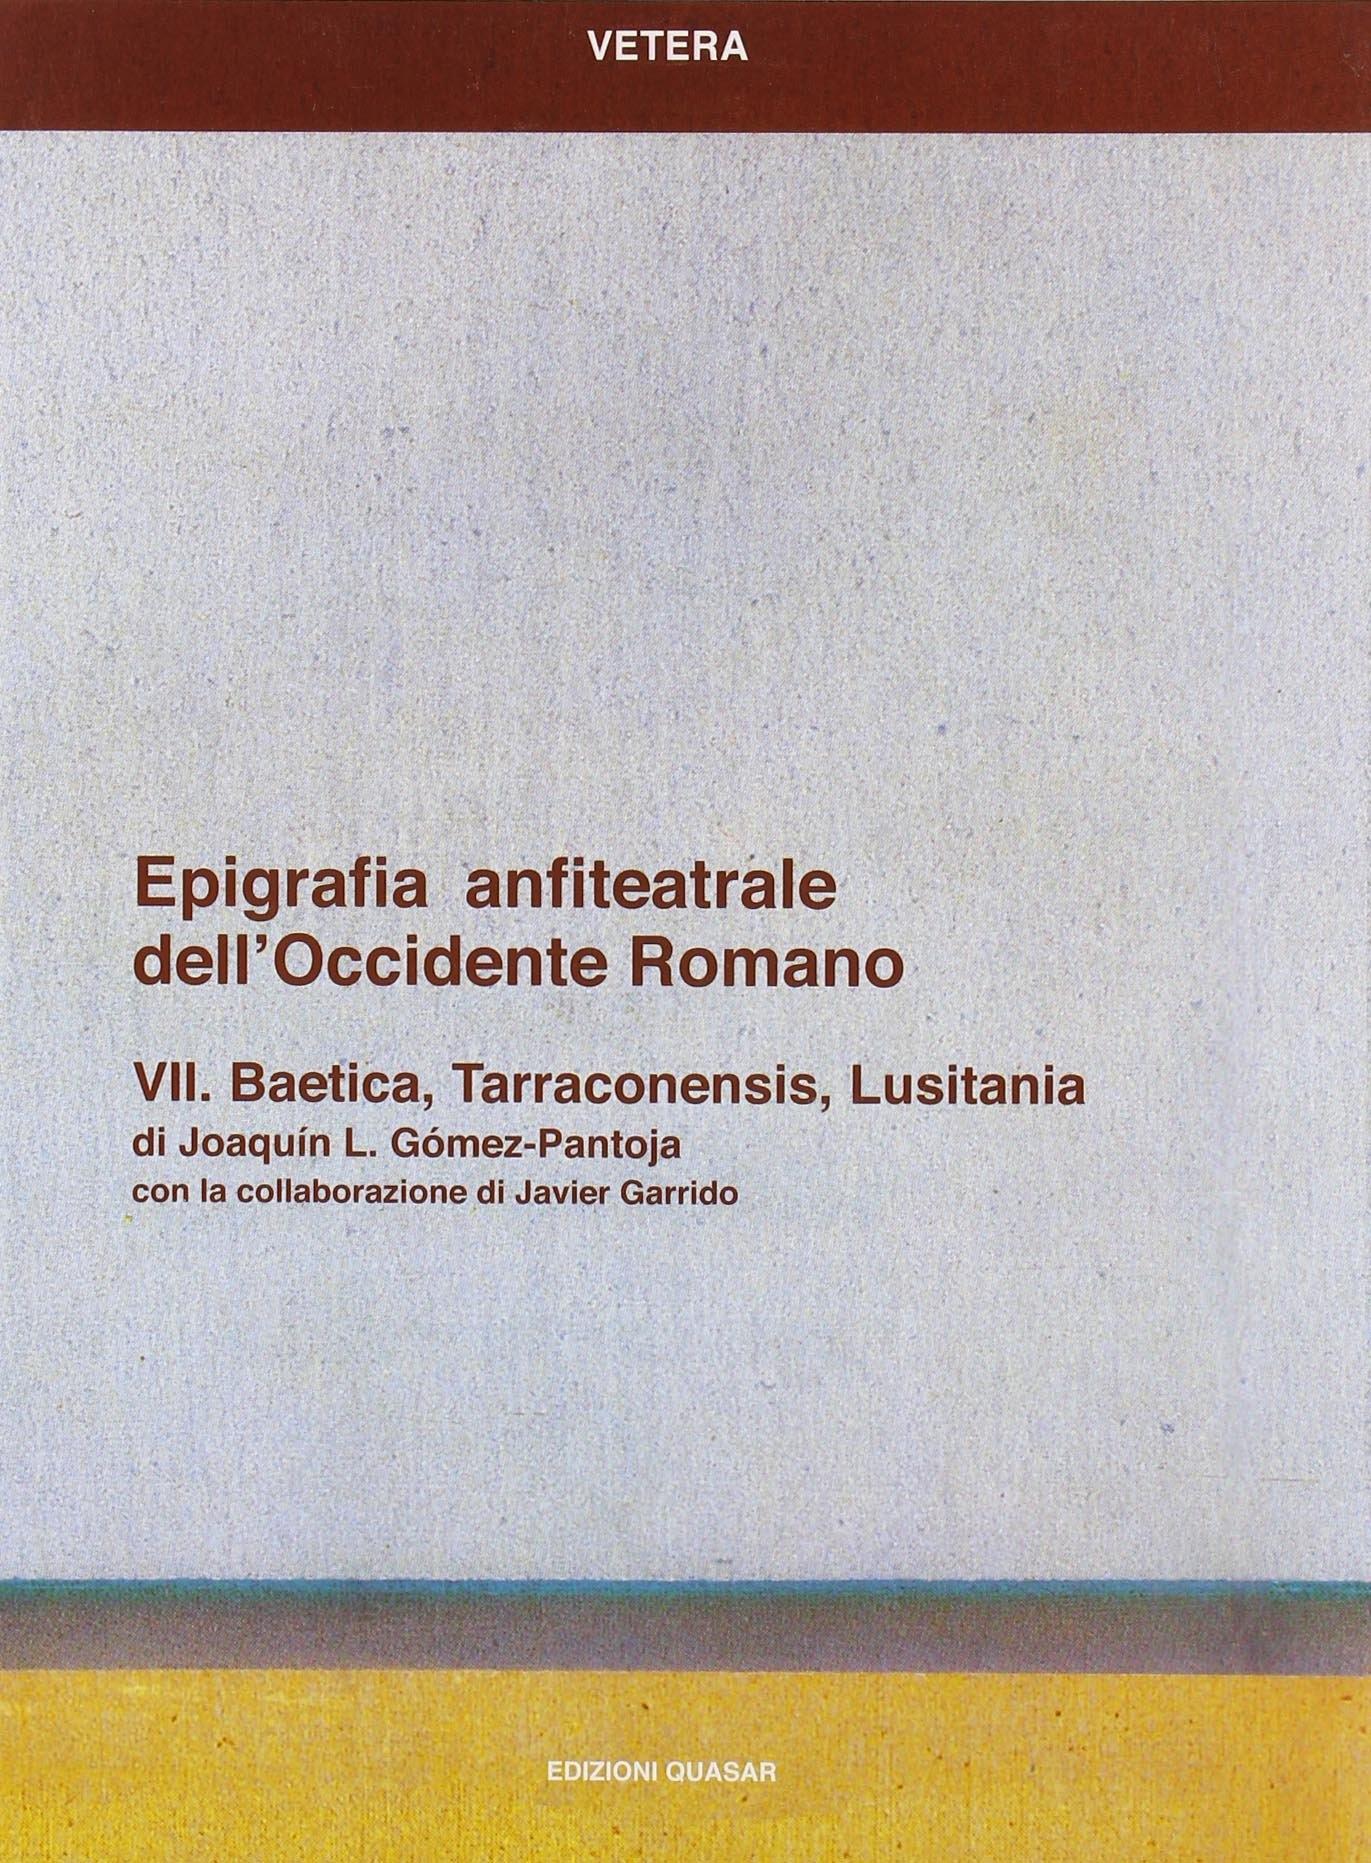 Epigrafia anfiteatrale dell'Occidente Romano. Vol. 7: Baetica, Tarraconensis, Lusitania